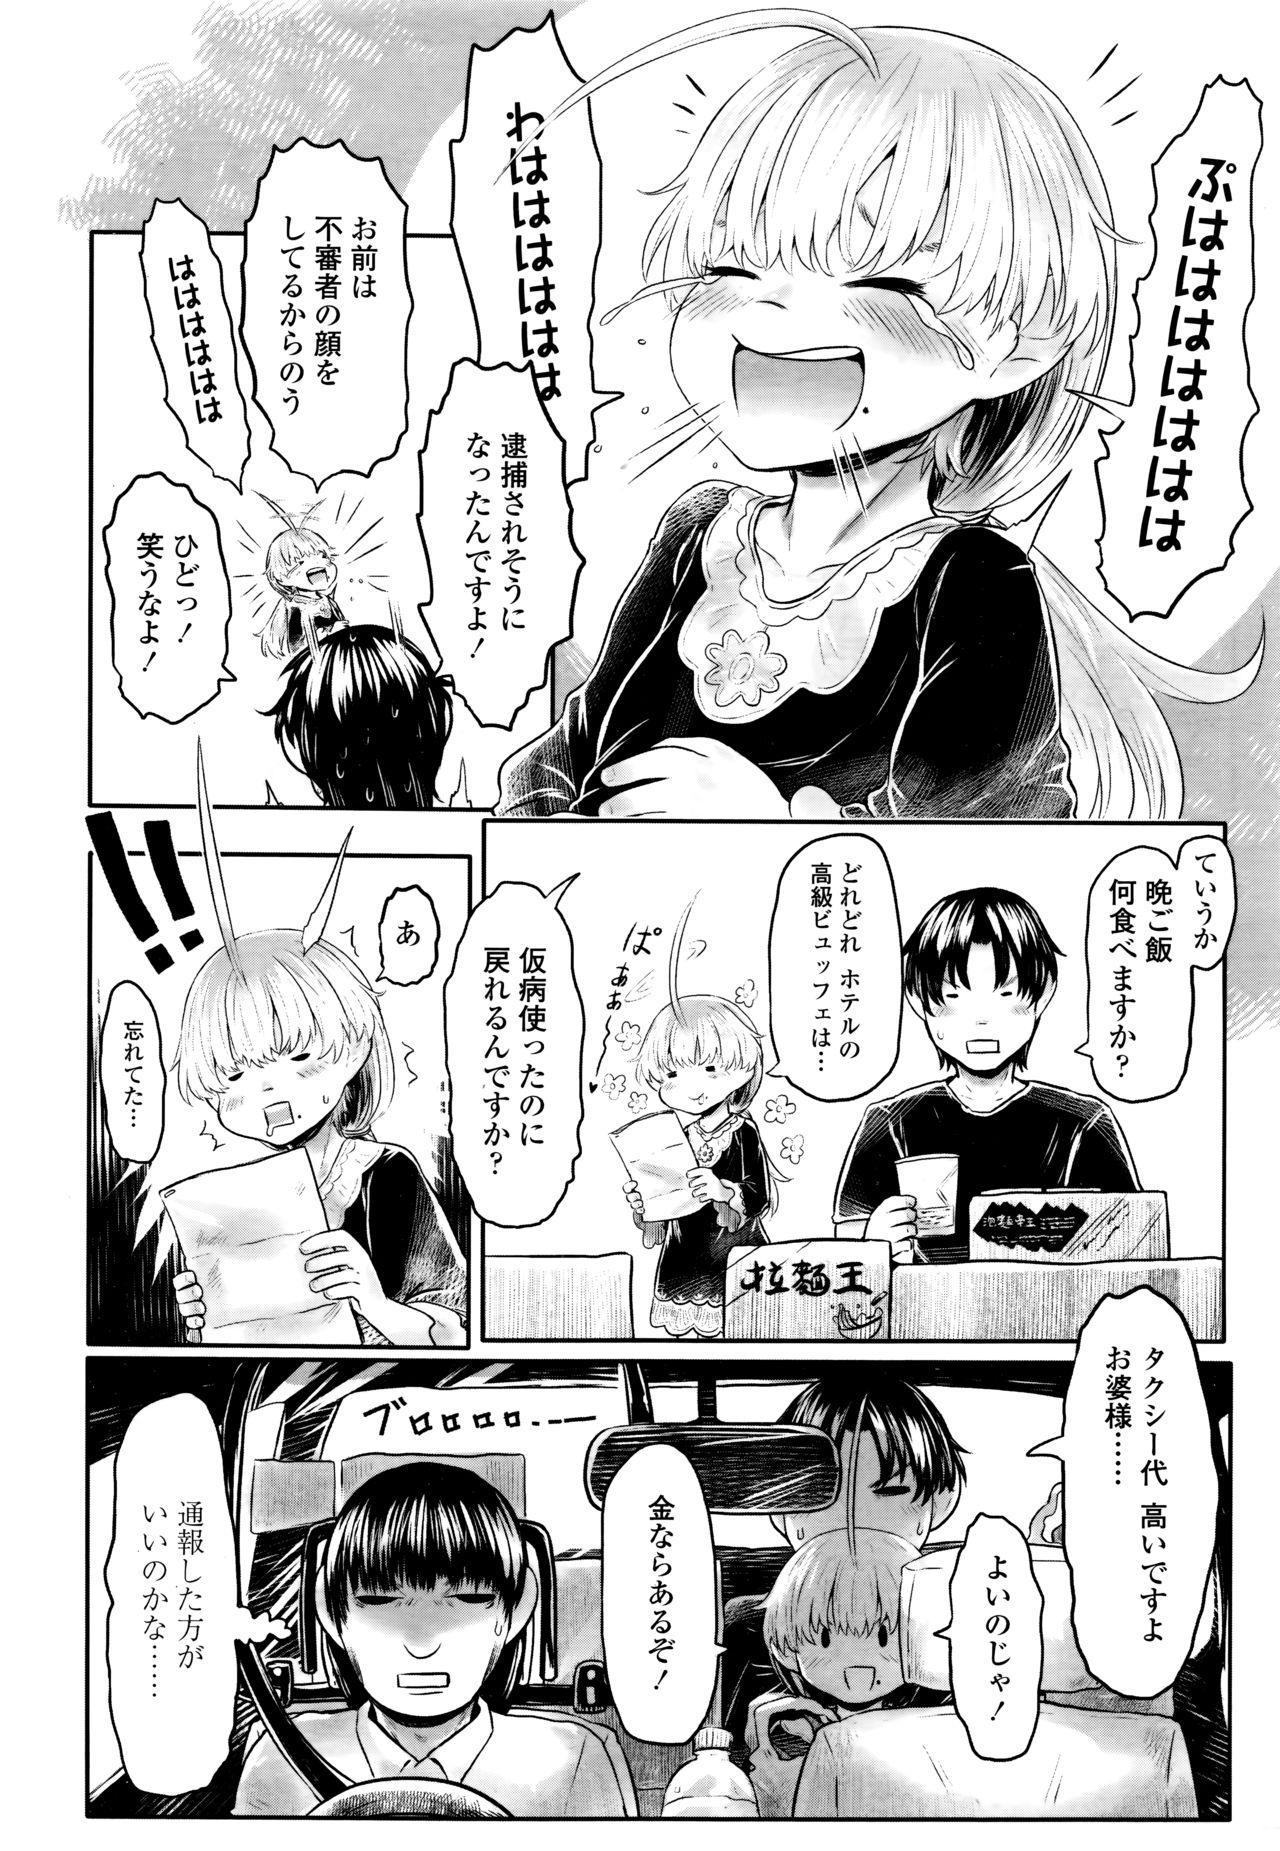 Towako 6 177